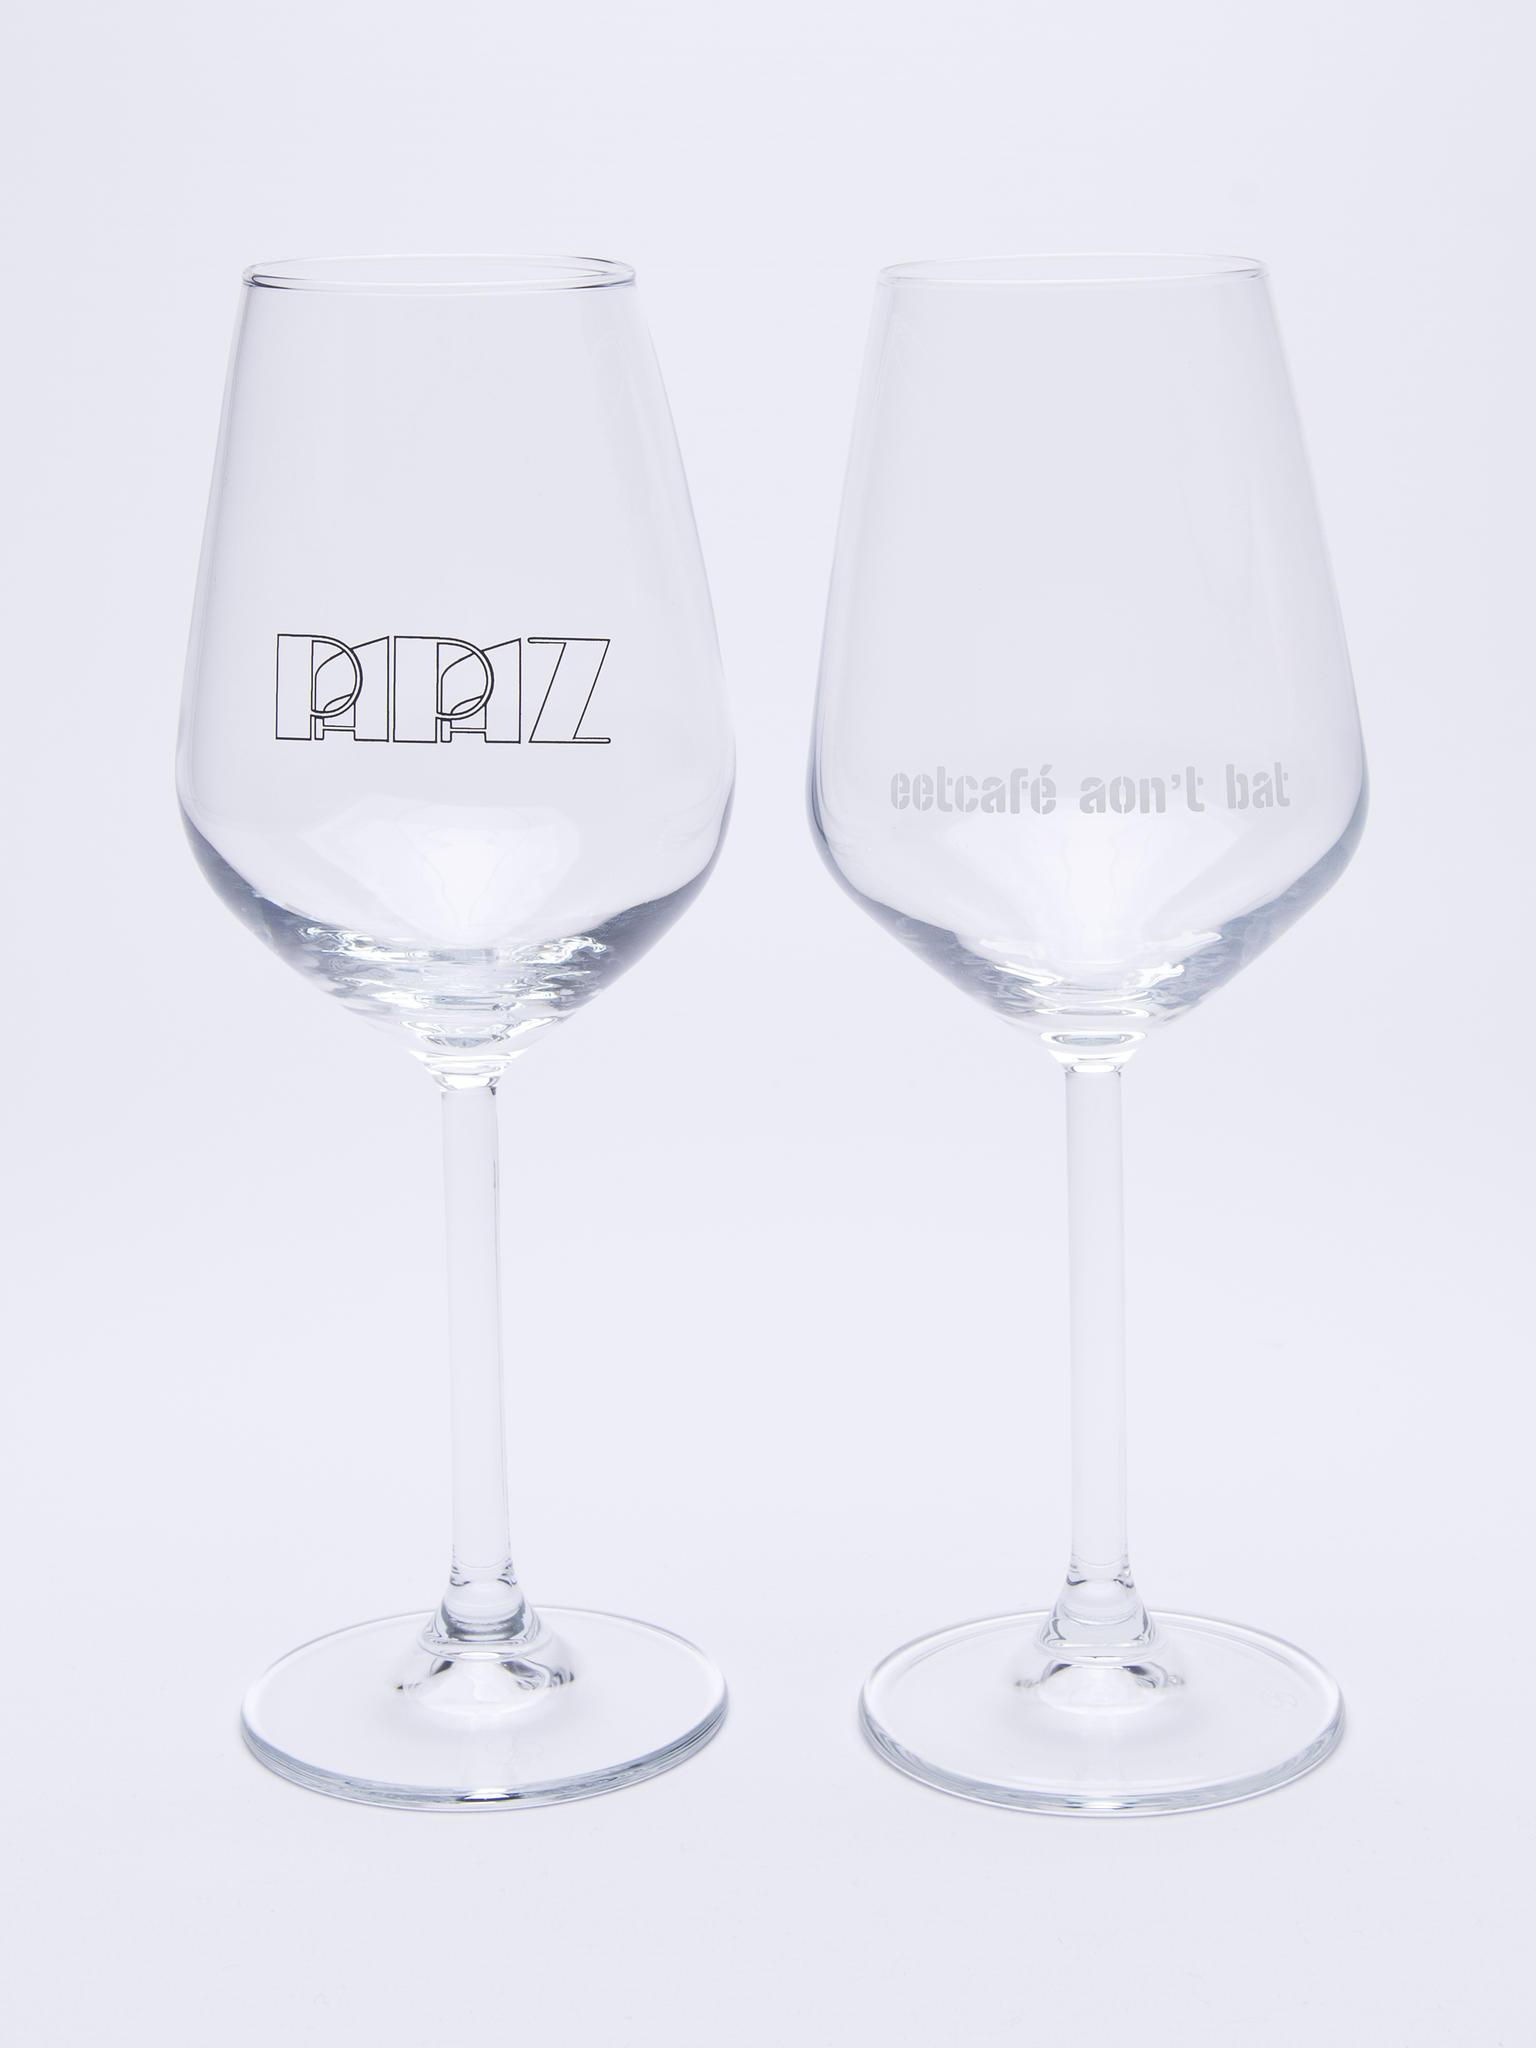 Uitgelezene Glas met logo - Maastricht Porselein Winkel JX-77